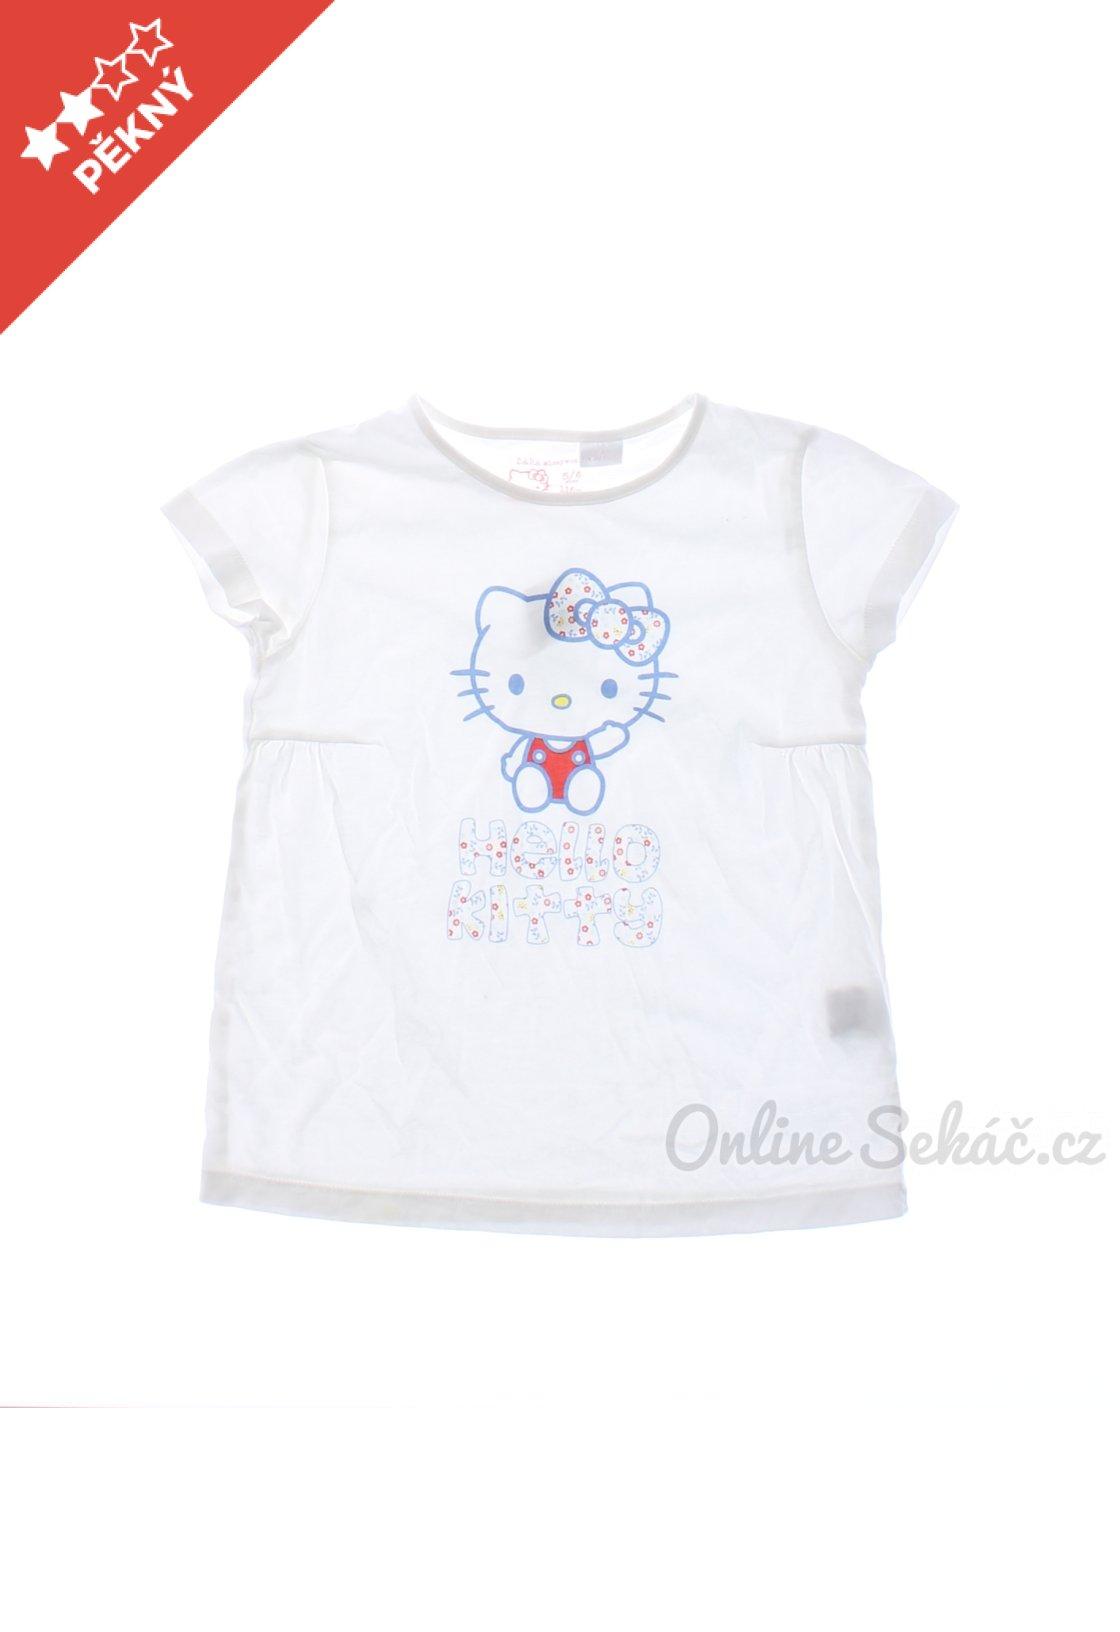 b24471dddc Second hand - Velikost  116   Dětské tričko s potiskem ZARA 116 ...